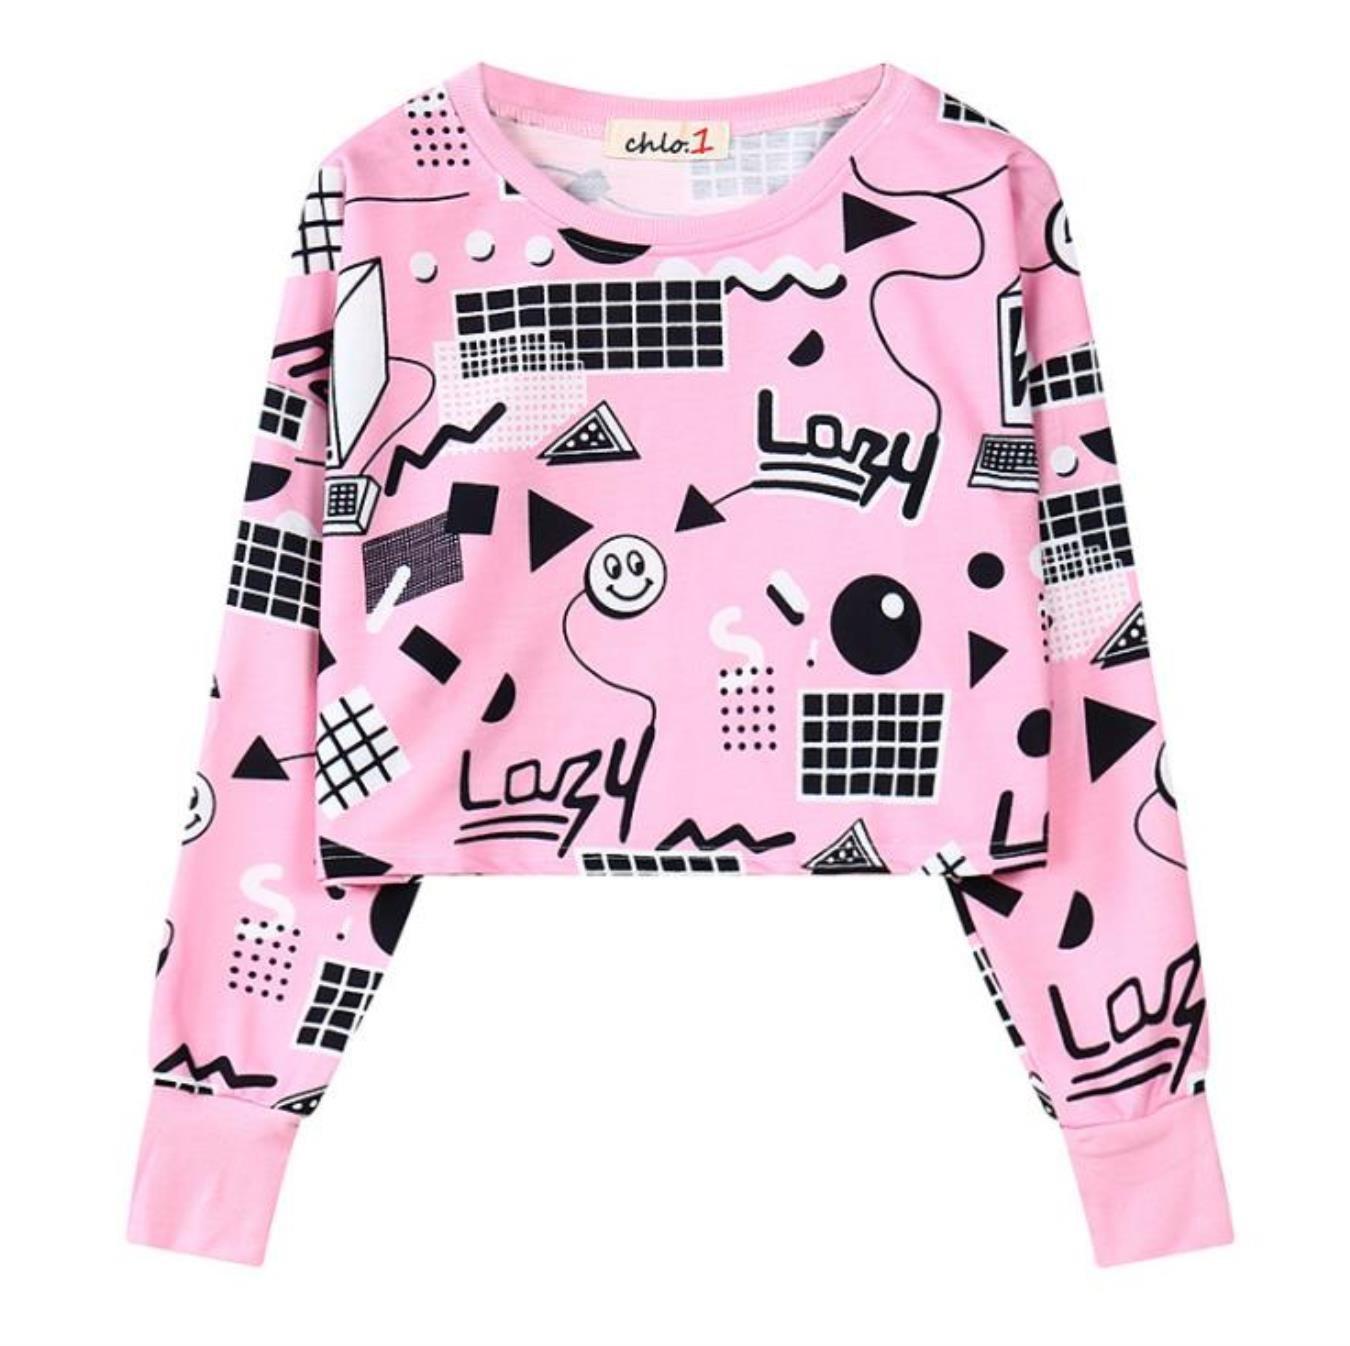 New Harajuku Style Fall Women Printed Short Sweatshirts Long Sleeve Geometry Printed Hoodies Hip Hop Crop Tops